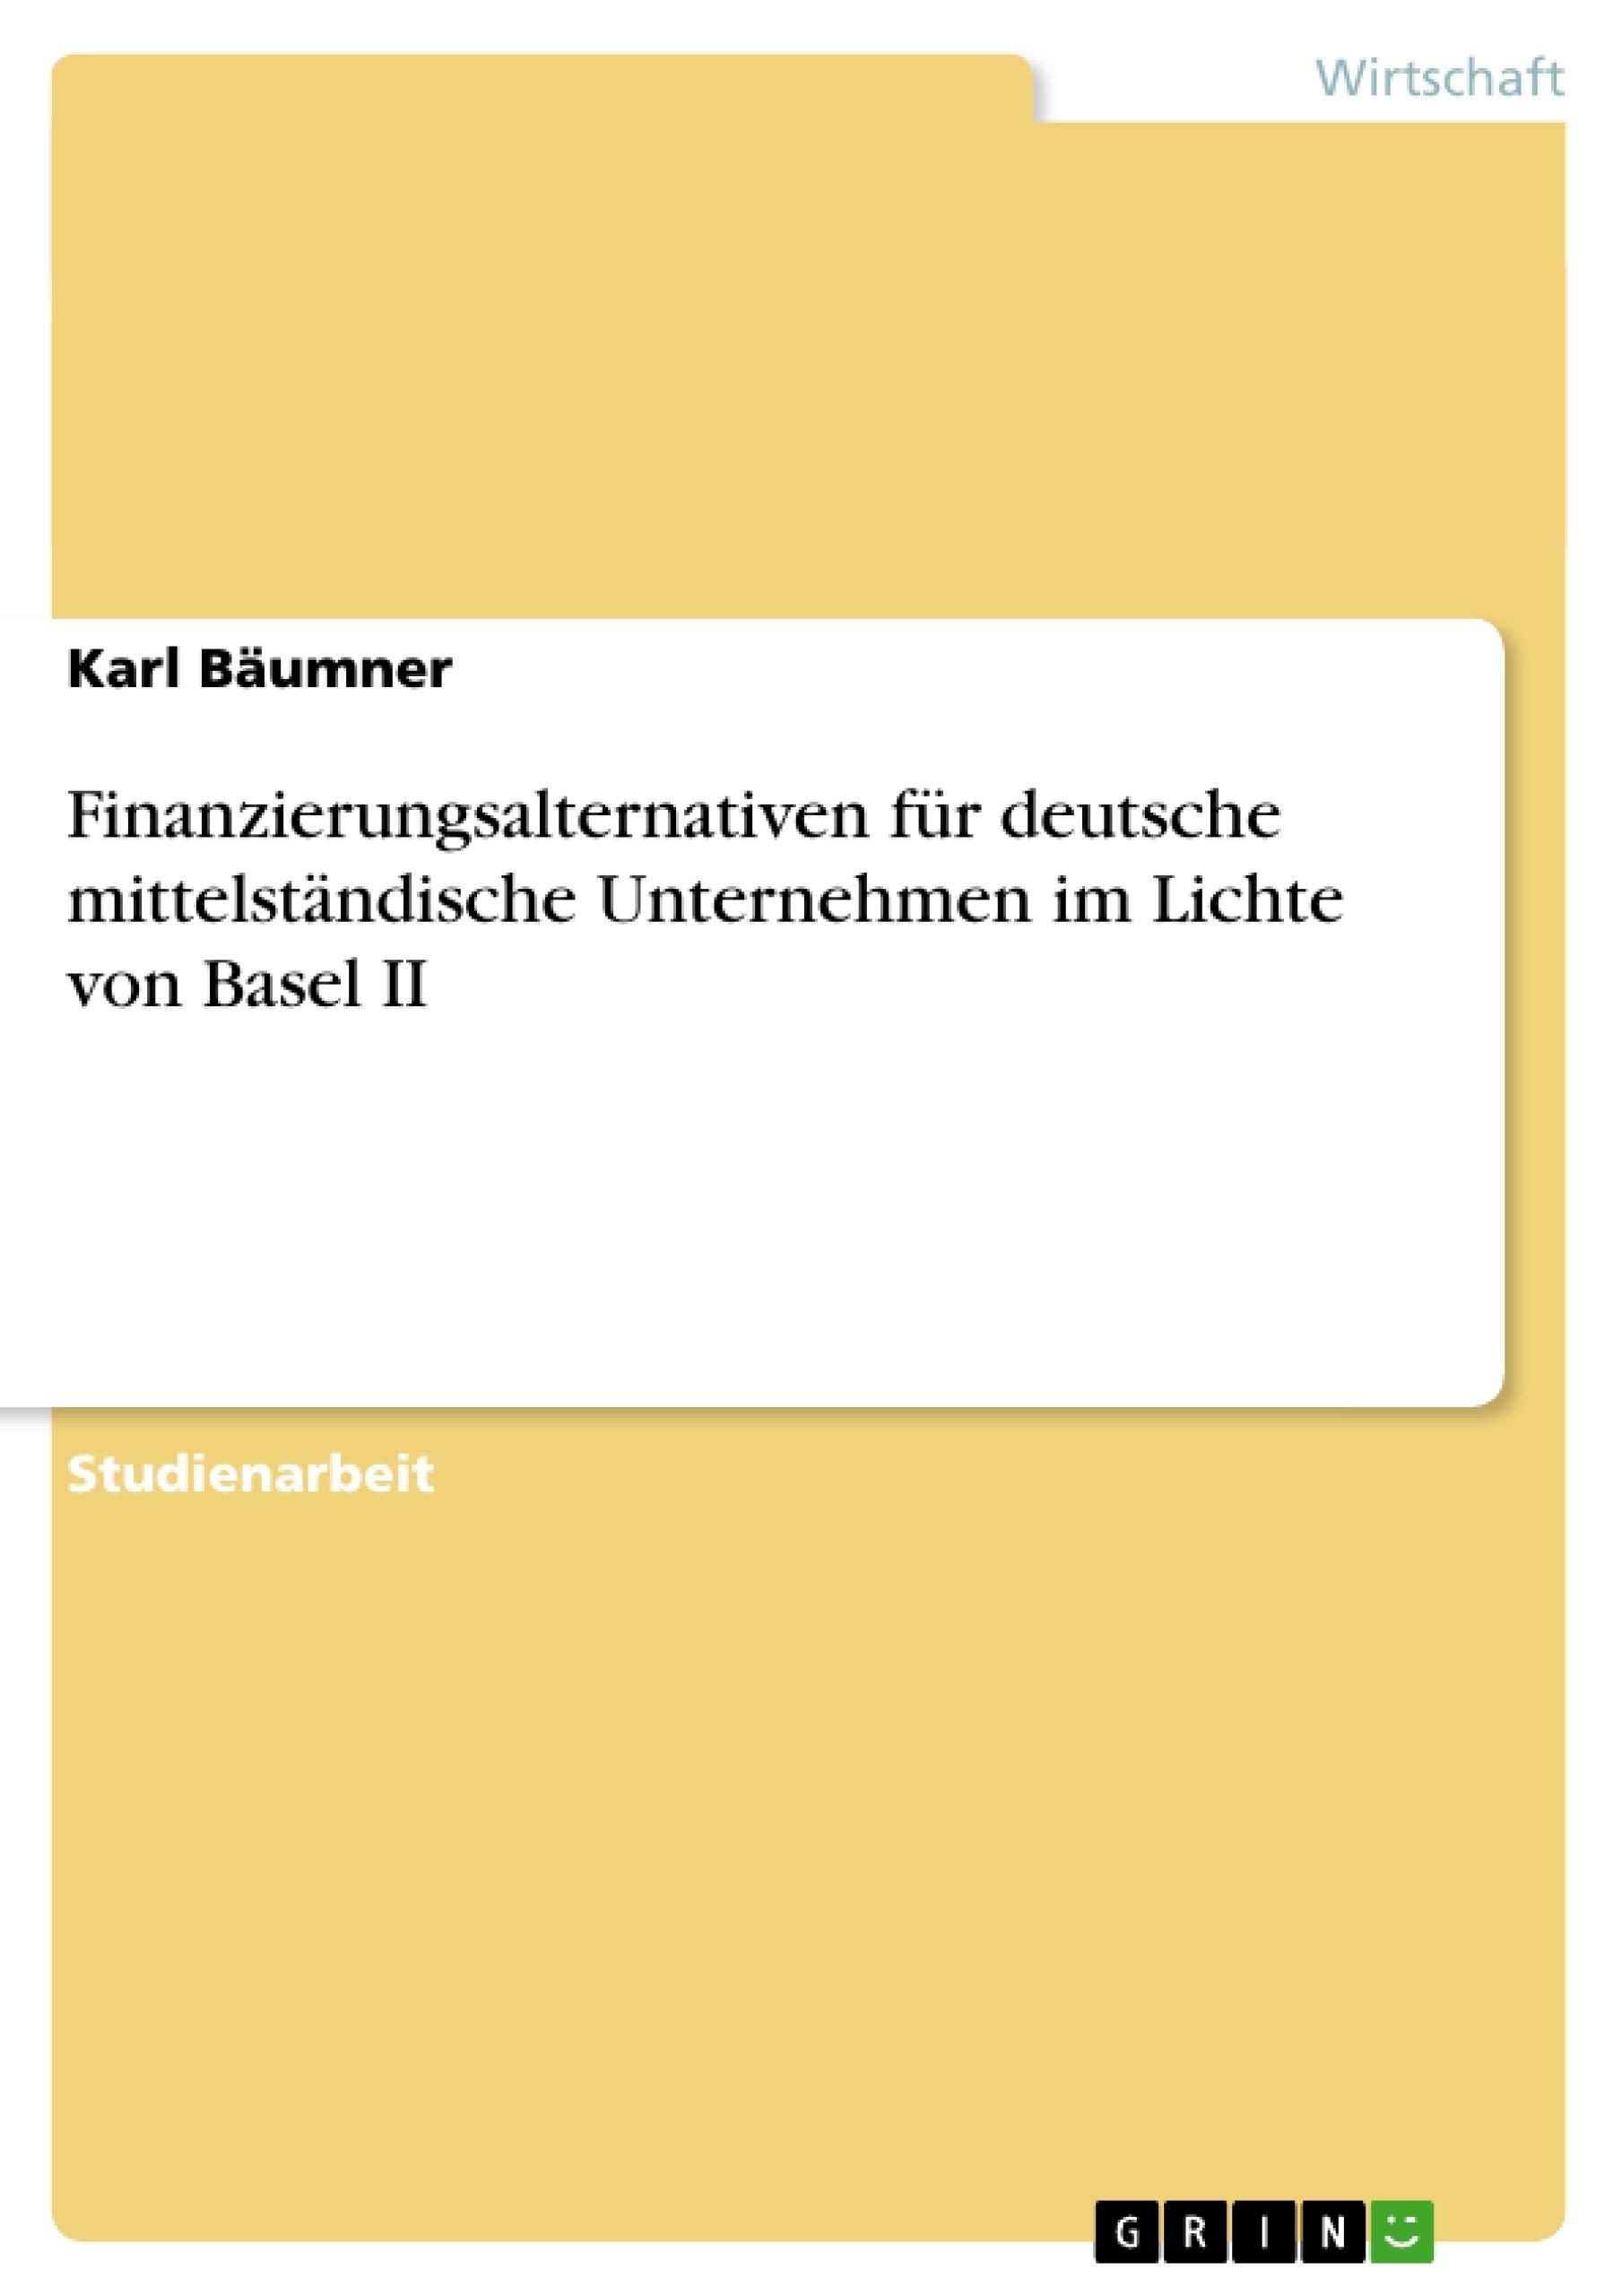 Titel: Finanzierungsalternativen für deutsche mittelständische Unternehmen im Lichte von Basel II